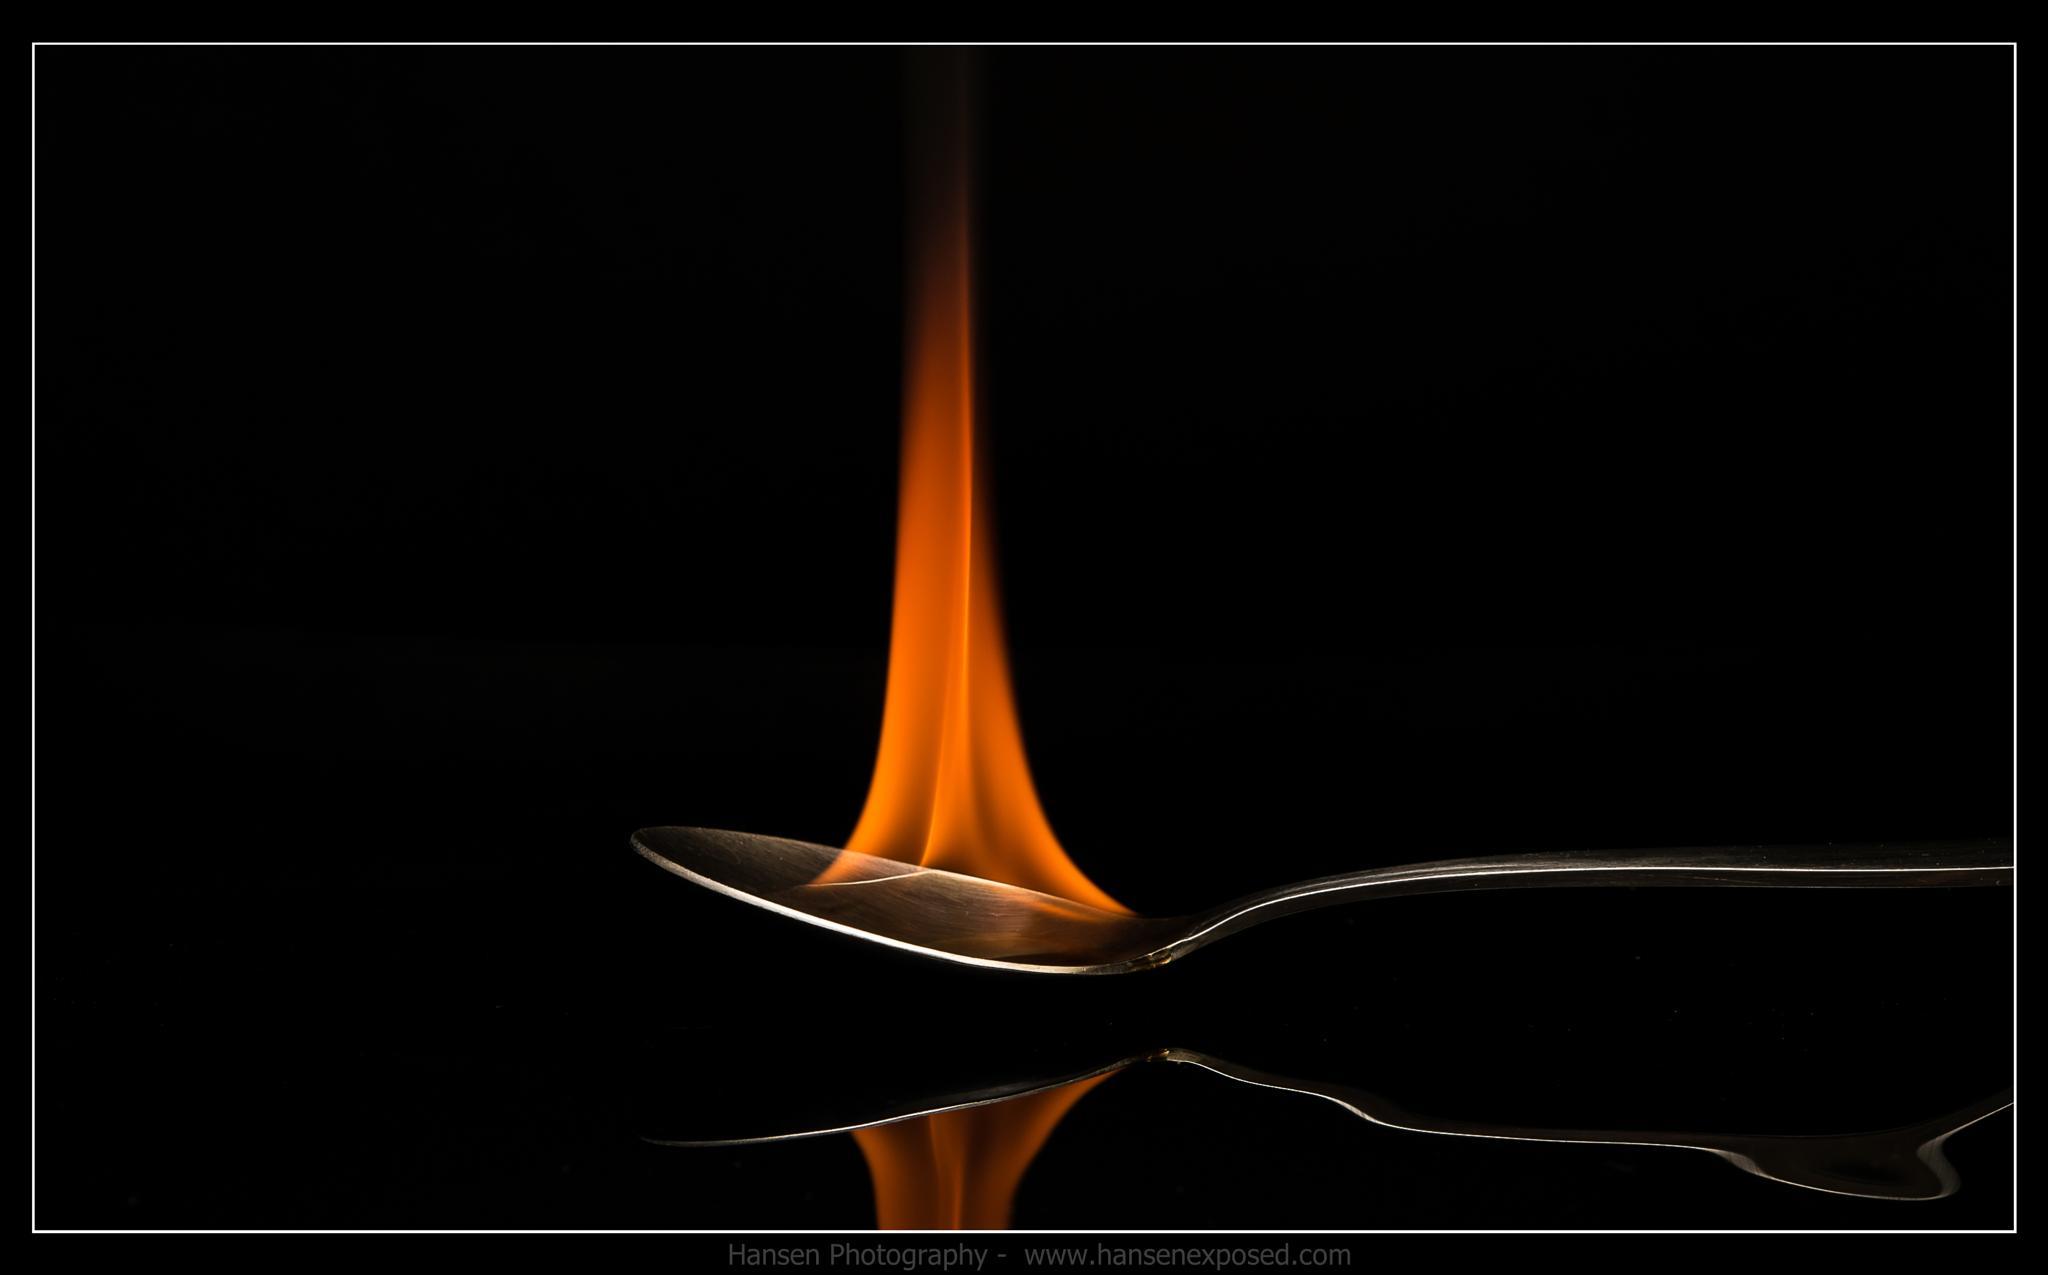 Hot & Spicy by Hansenexposed - Øistein Rune Hansen